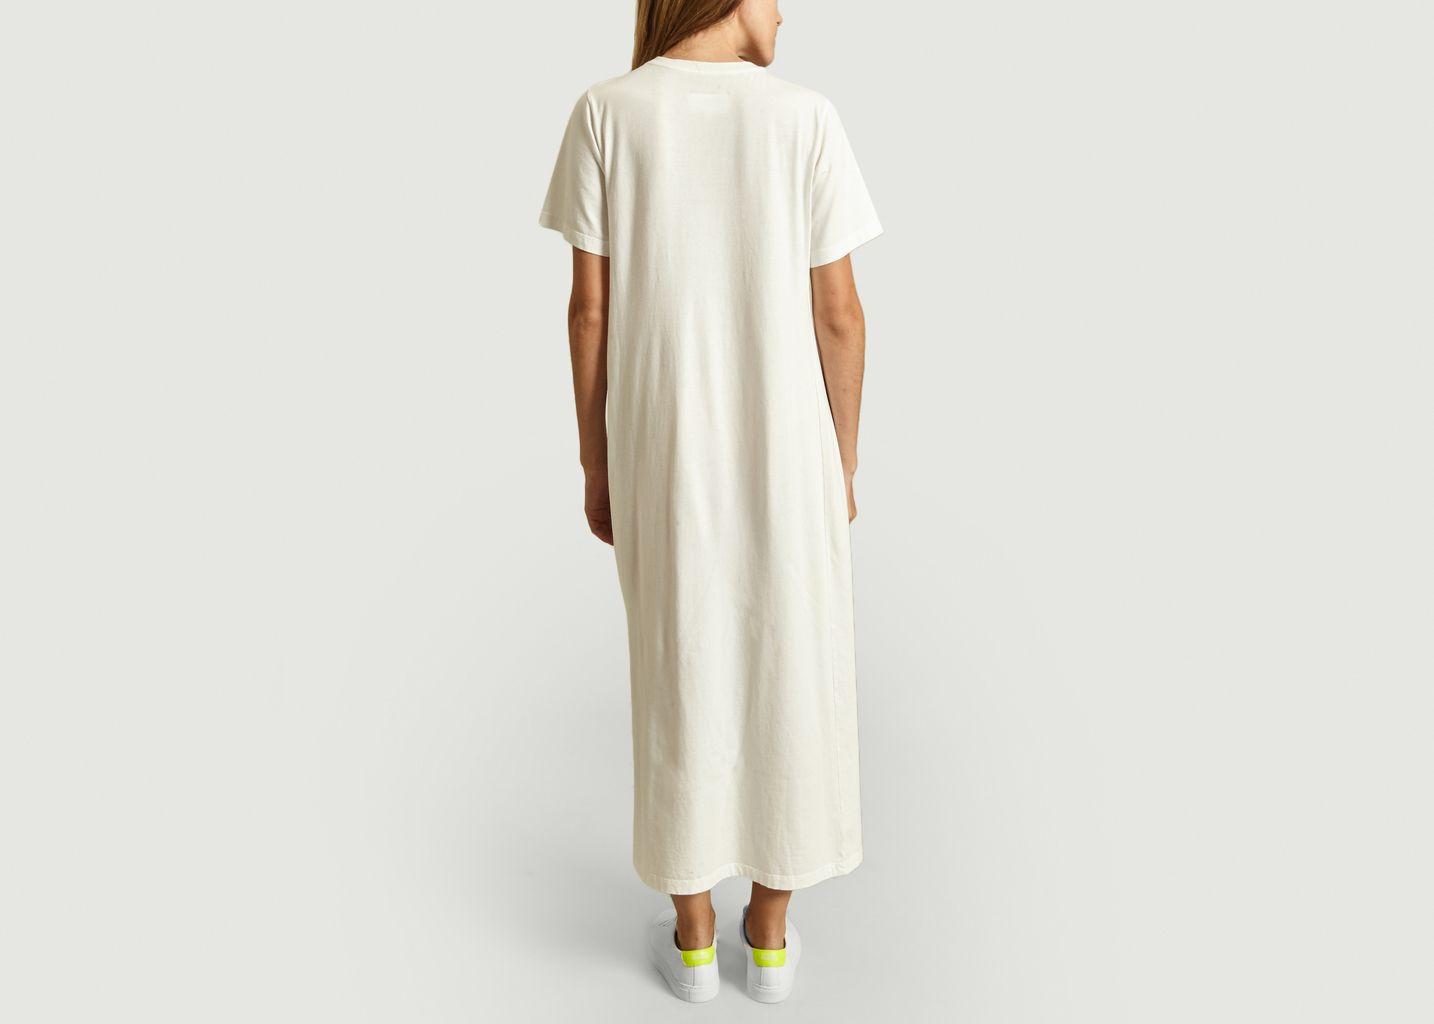 Robe Asymétrique - MM6 Maison Margiela